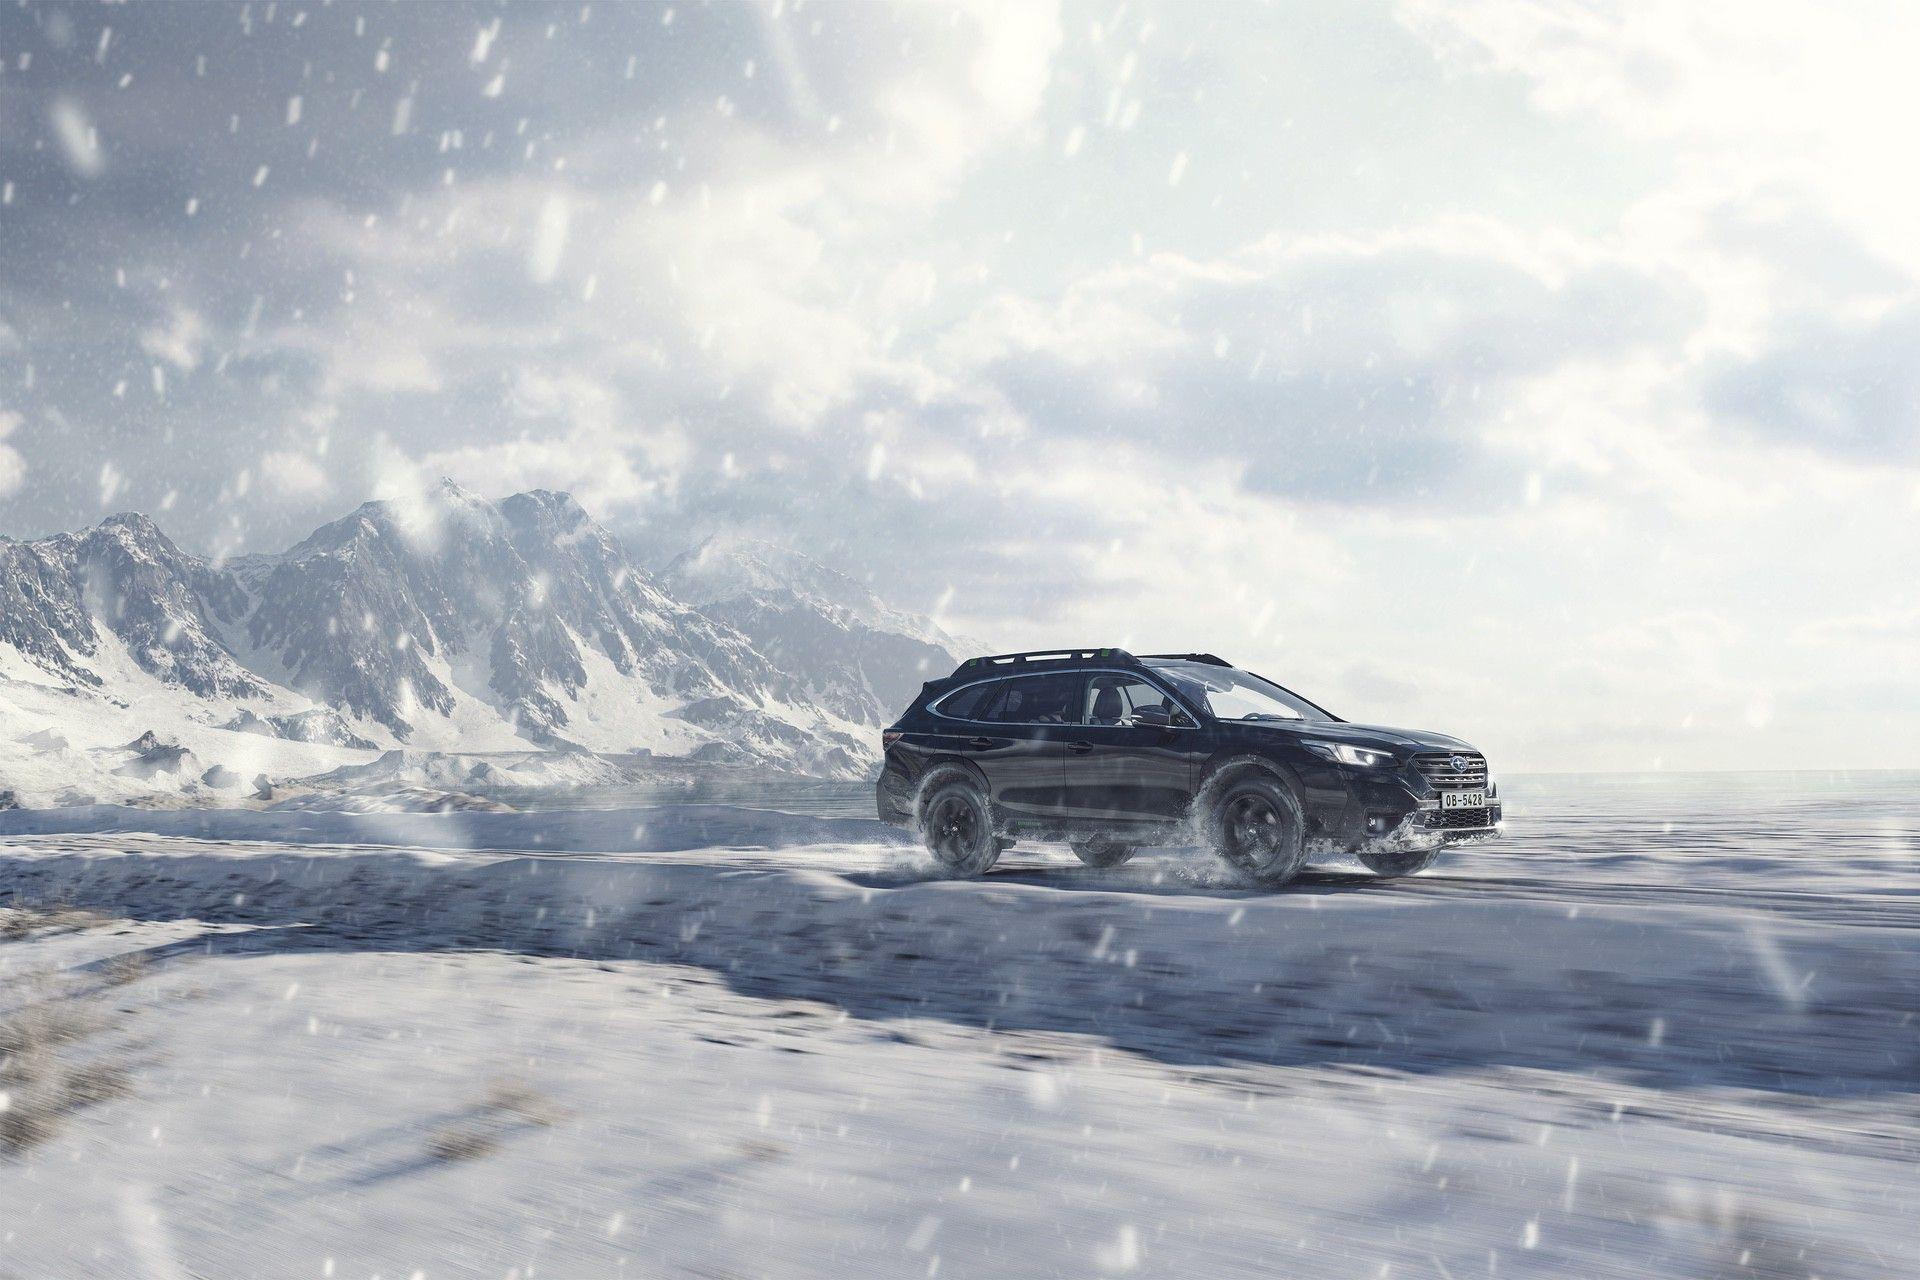 Subaru_Outback-greek_0025